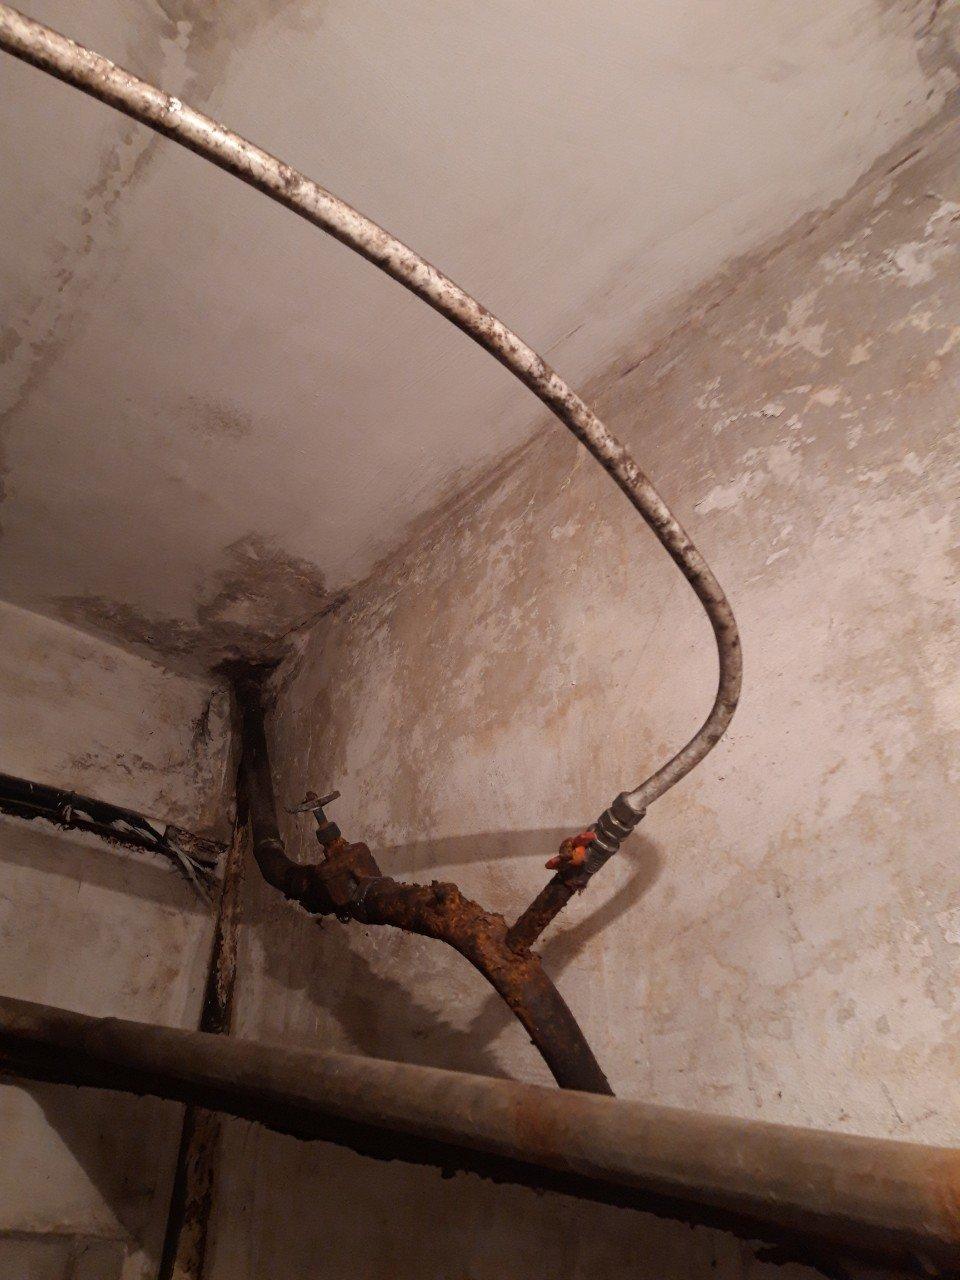 П'ять незаконних врізок в систему водопостачання виявлено в одному із нежитлових приміщень Кам'янця, фото-1